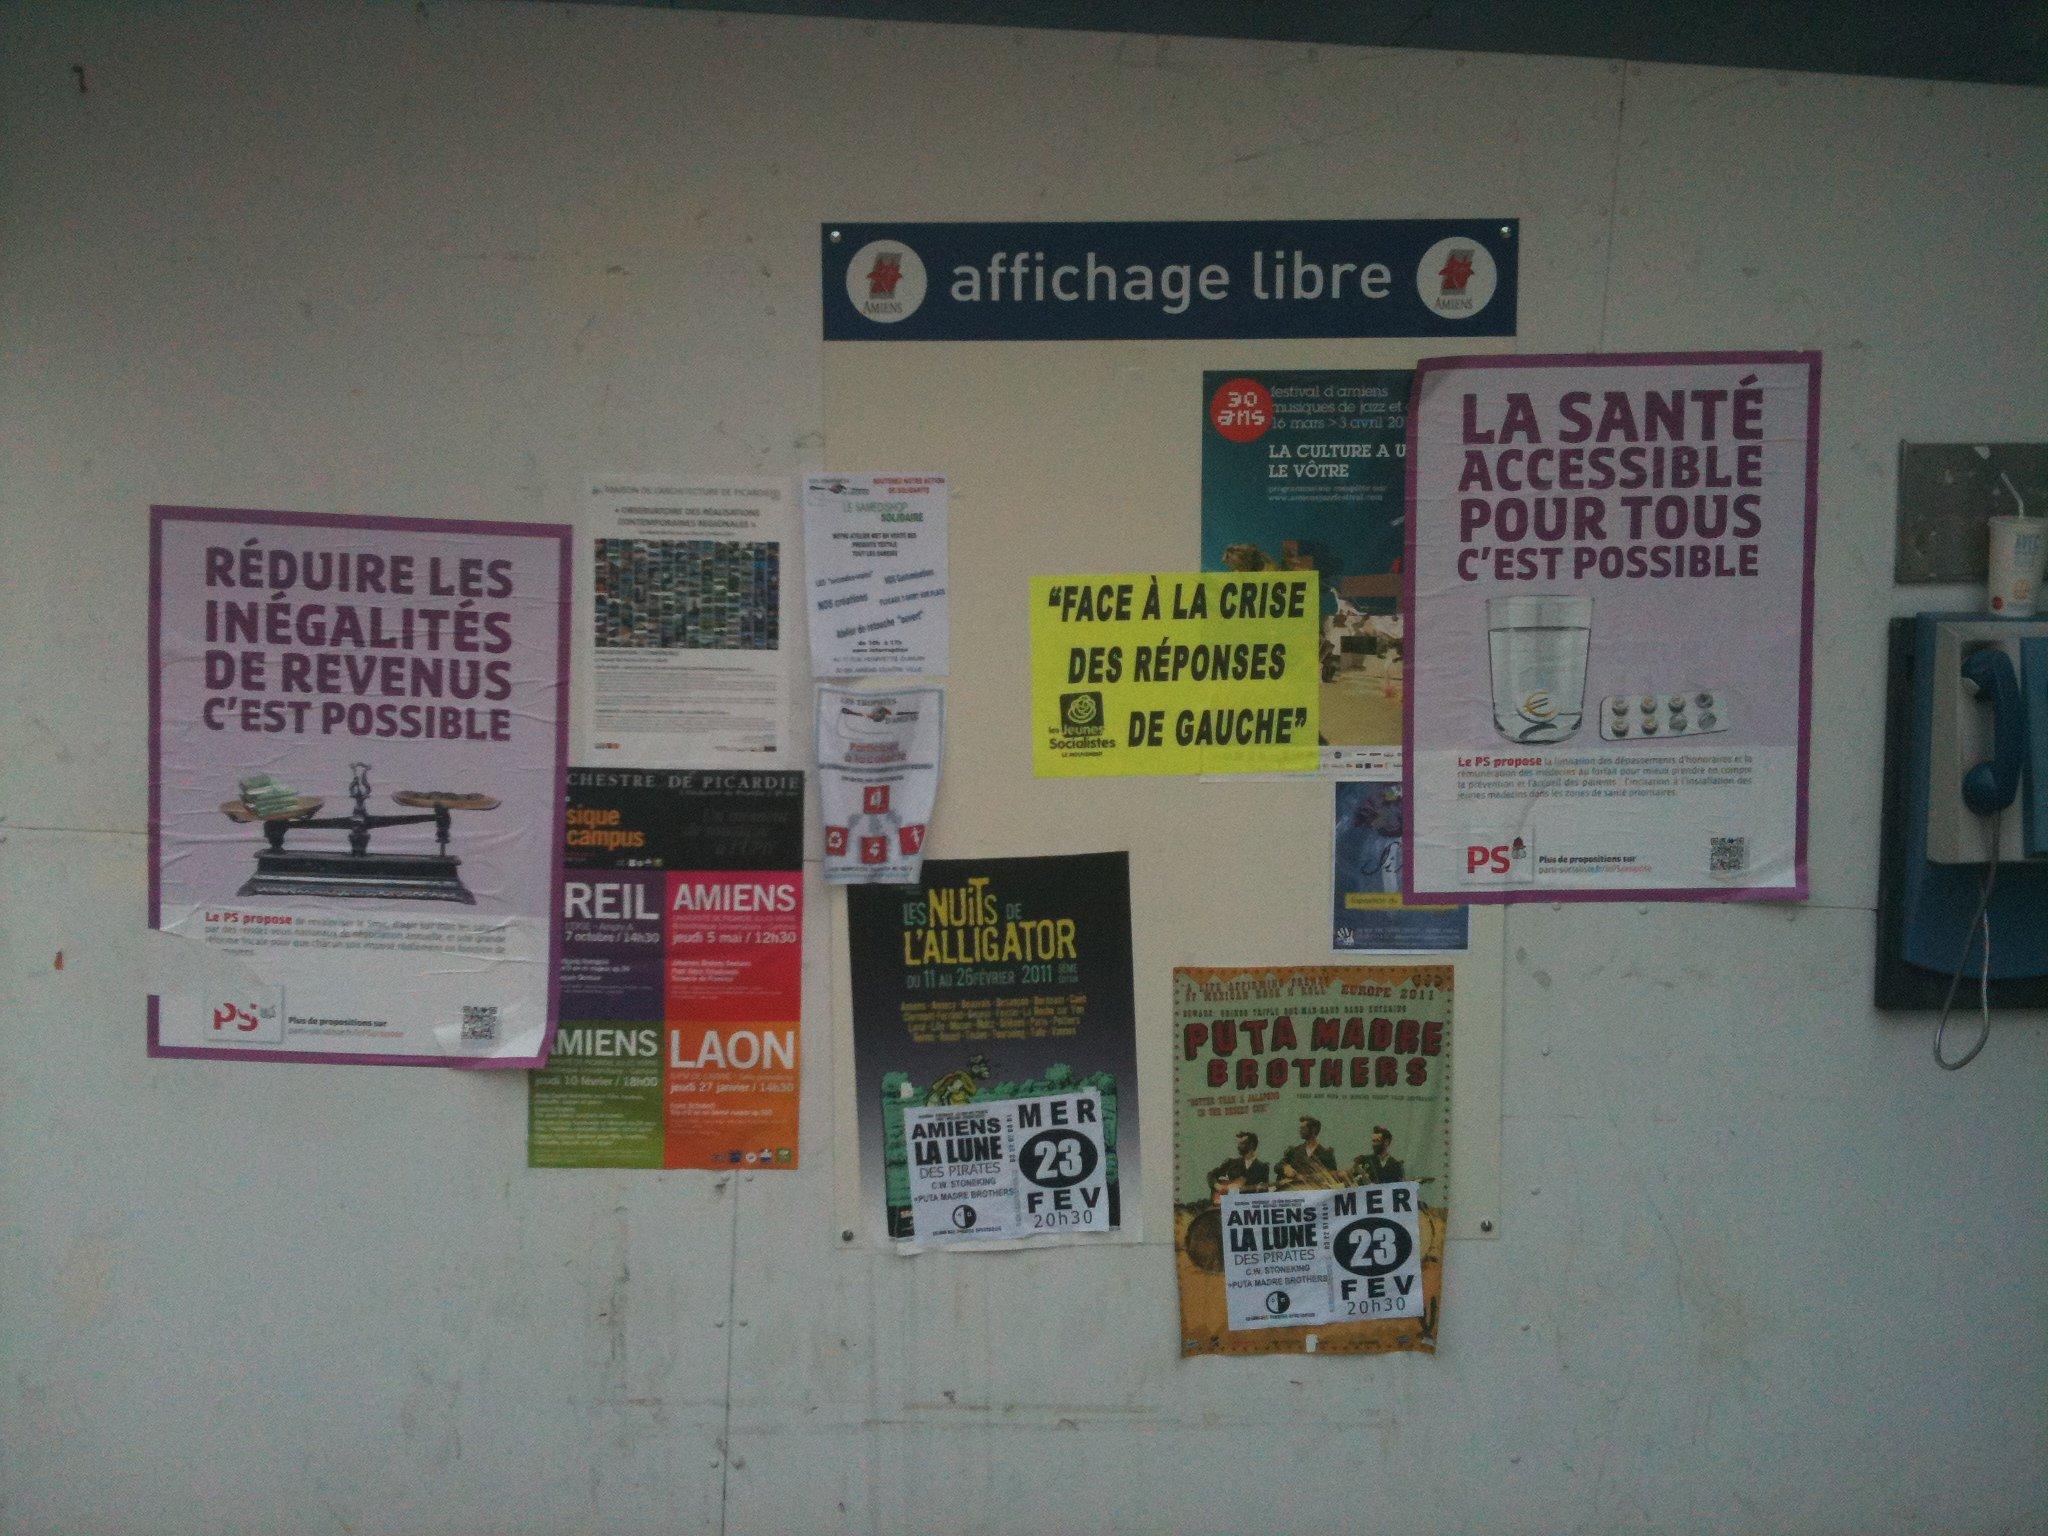 Un petit peu plus de place pour l'expression : début de campagne à Amiens dans Divers img0173